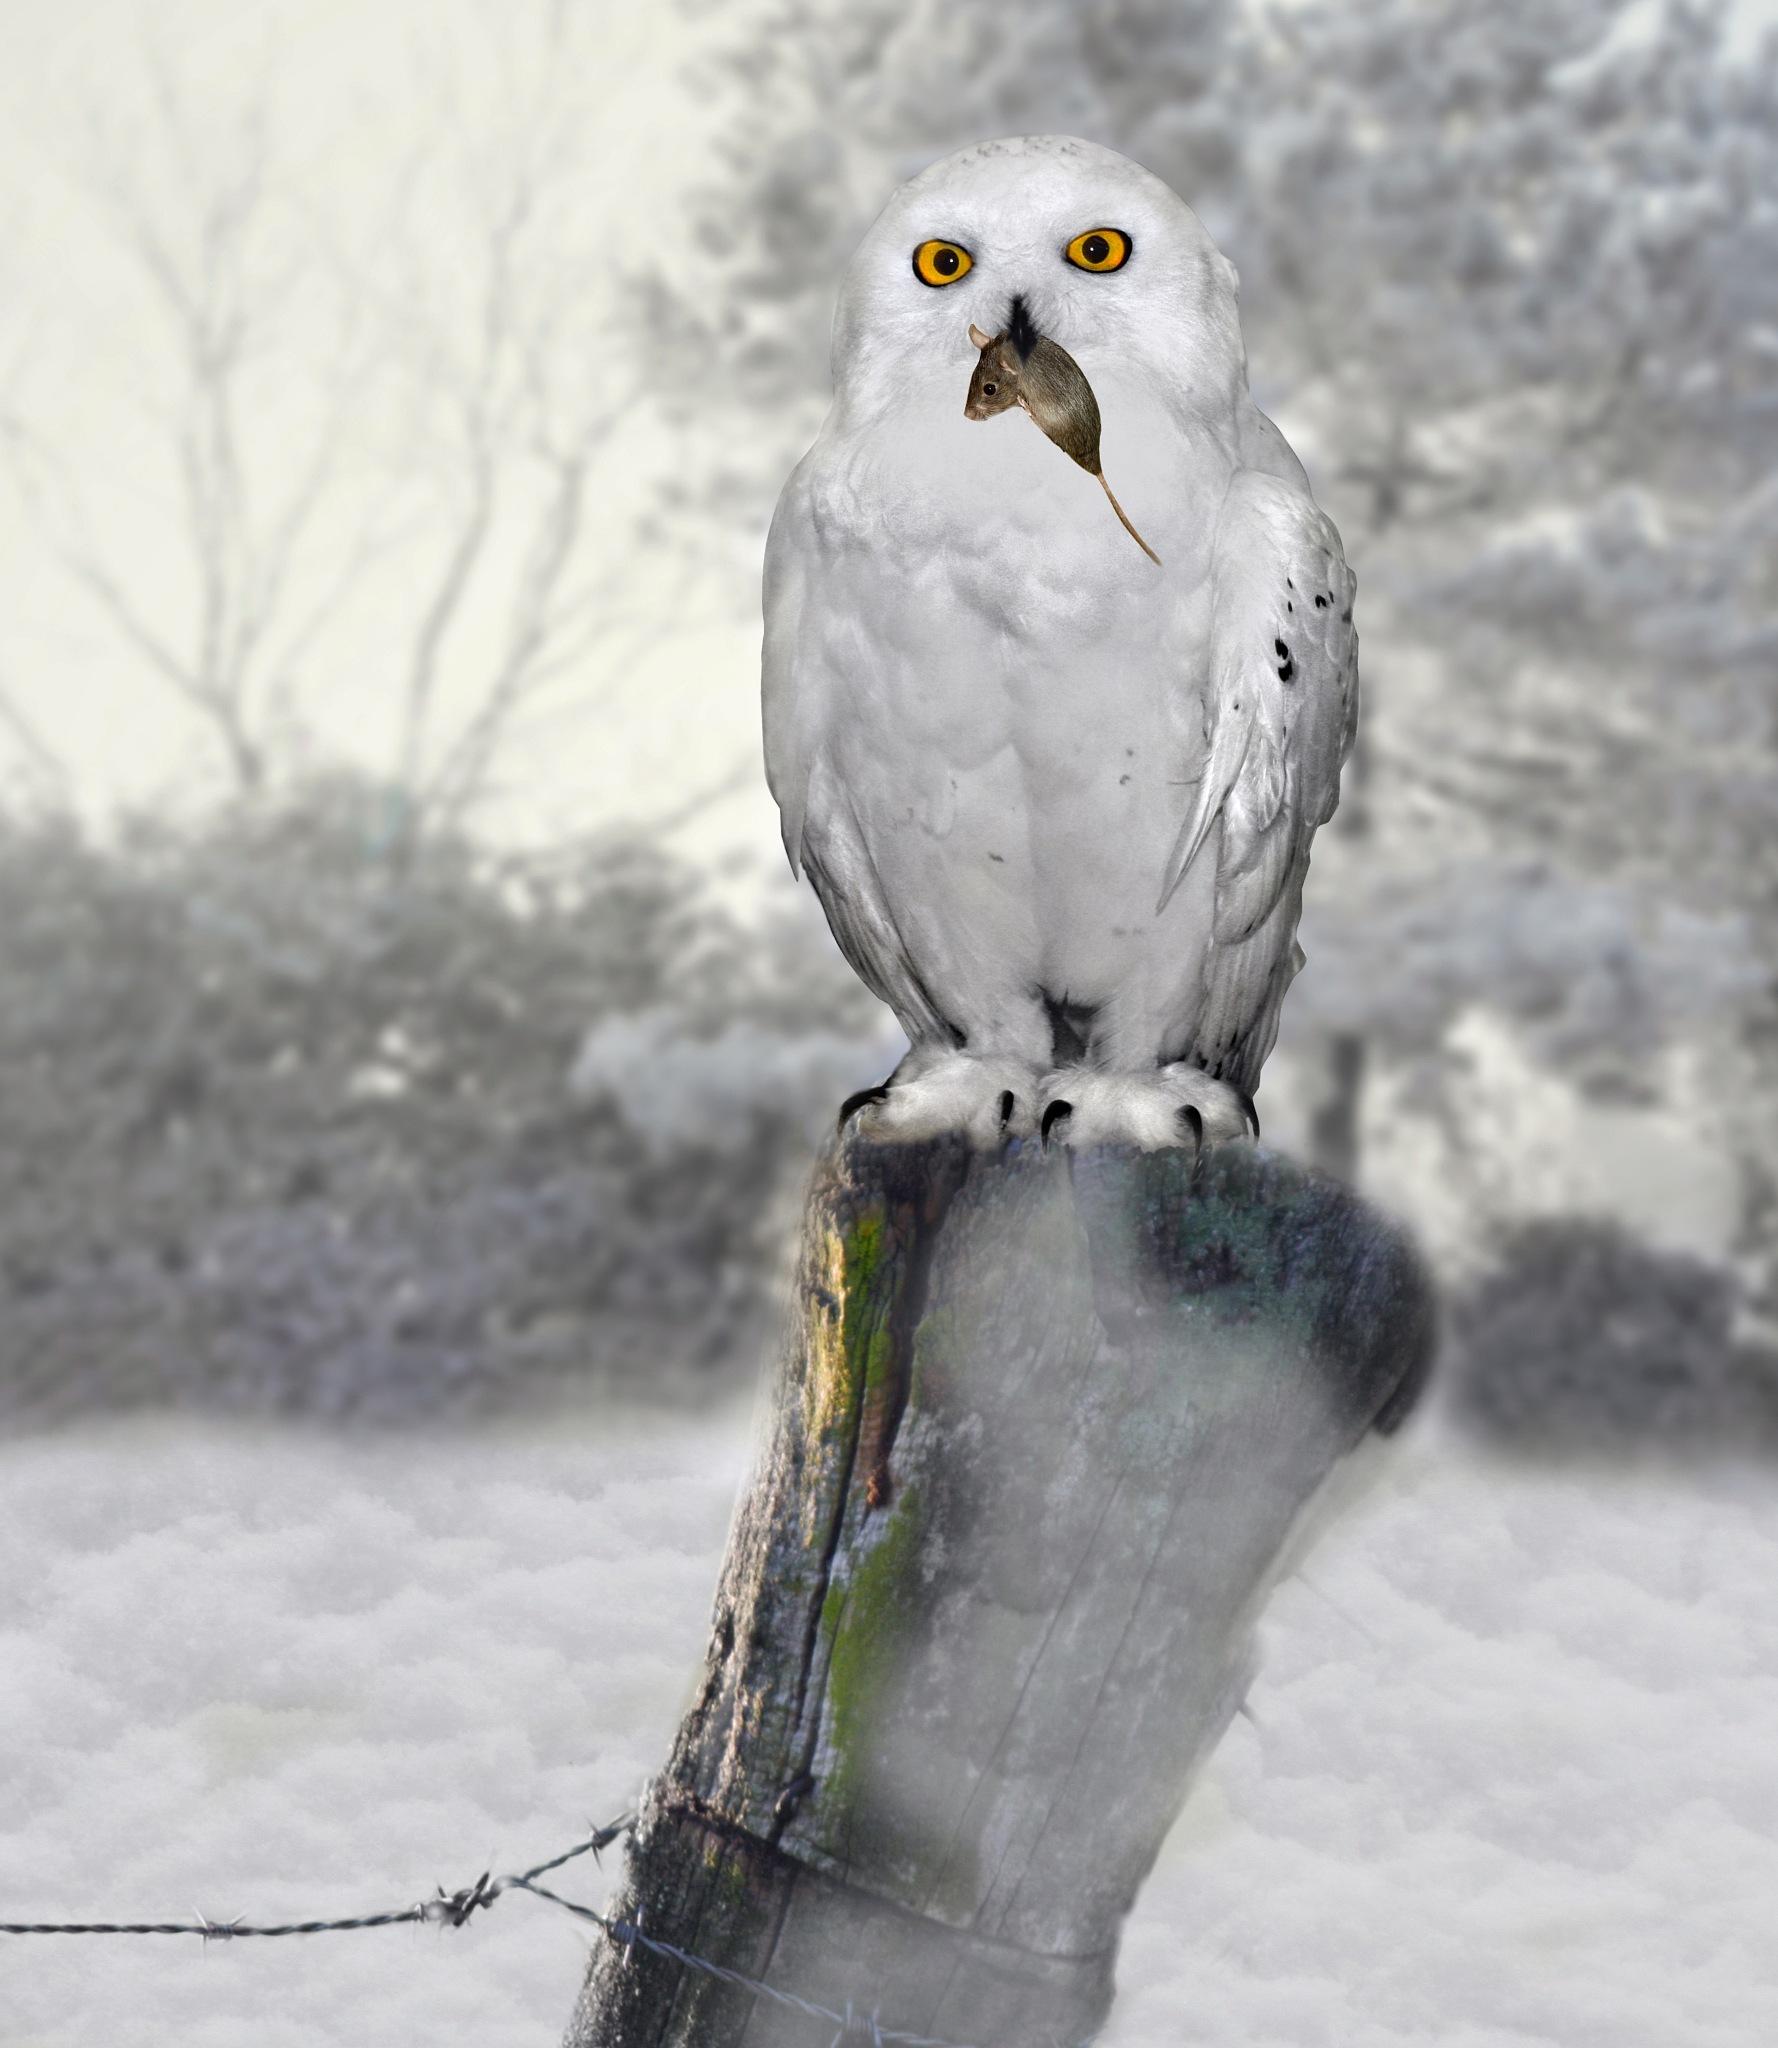 sneeuwuil by Renaat